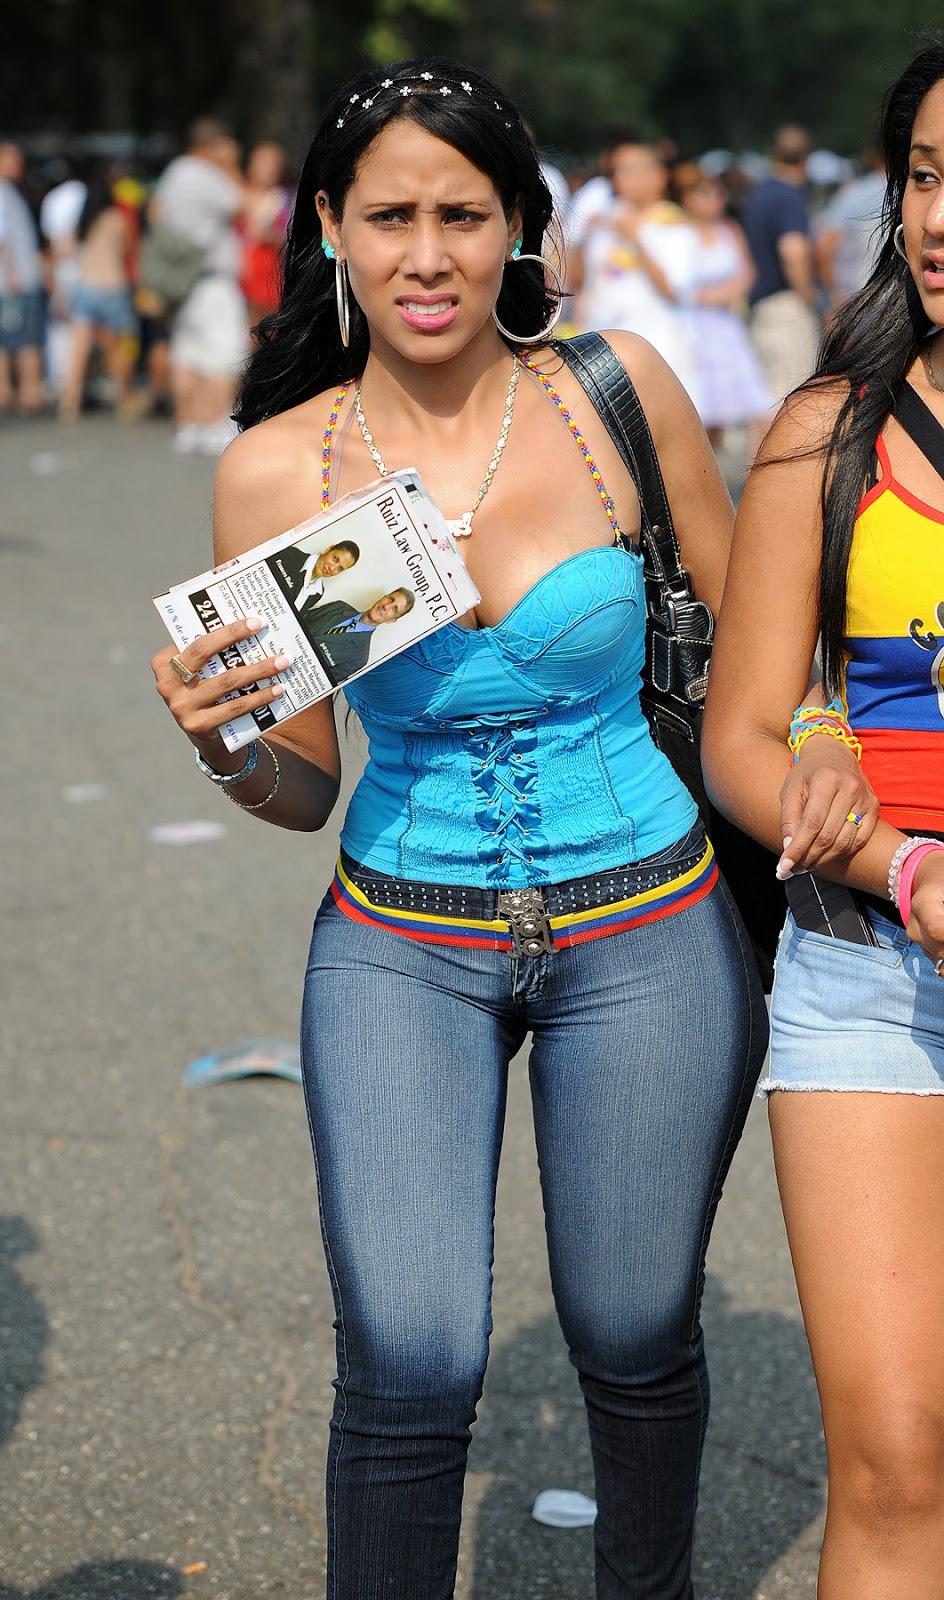 Colombianas Con Culos Grandes En Jeans La Calle